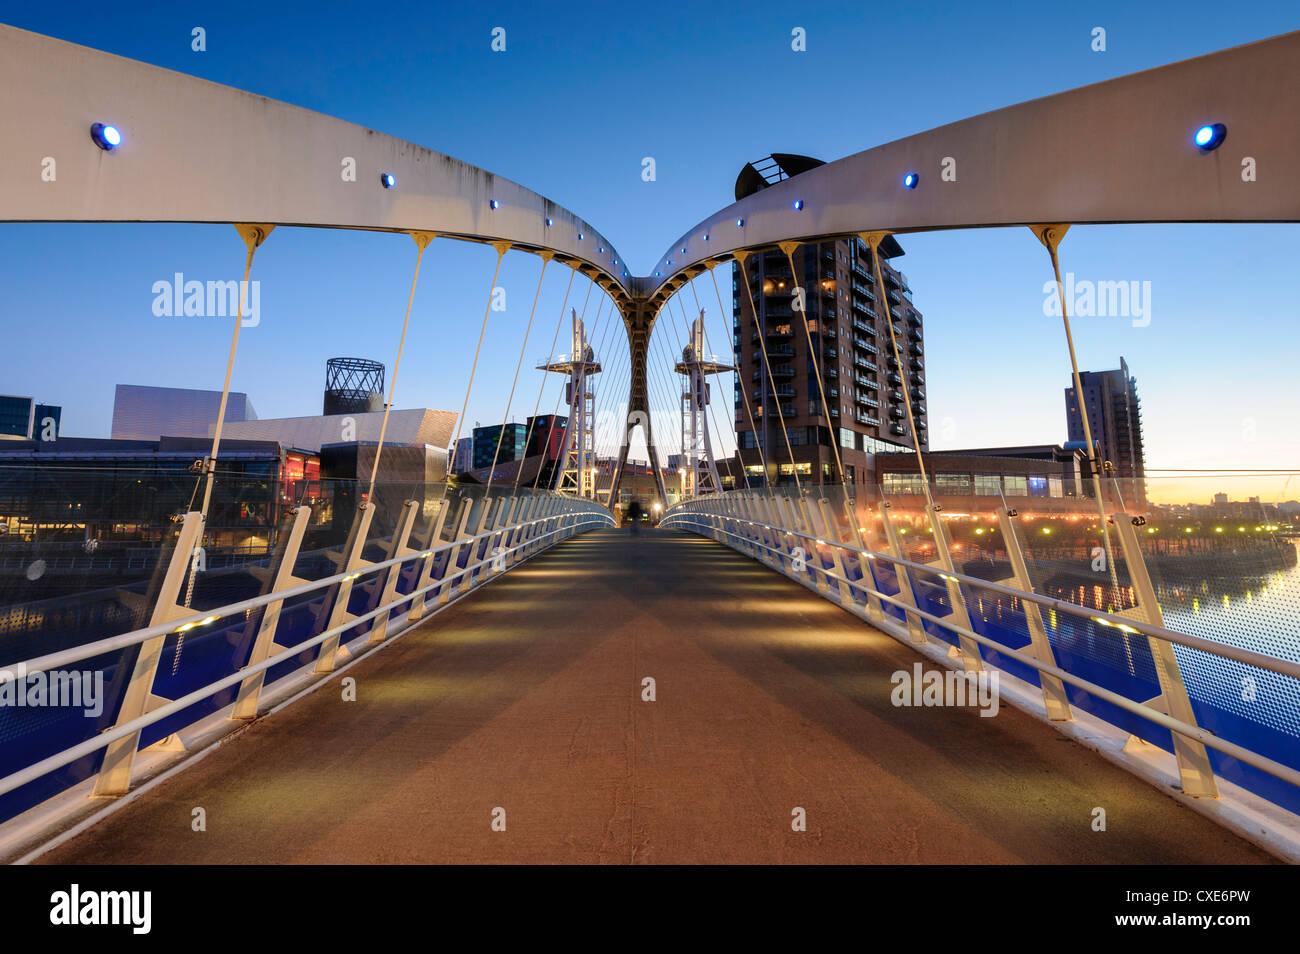 Alba vista attraverso il Millennium Bridge, Salford Quays, Manchester, Greater Manchester, Inghilterra, Regno Unito, Immagini Stock